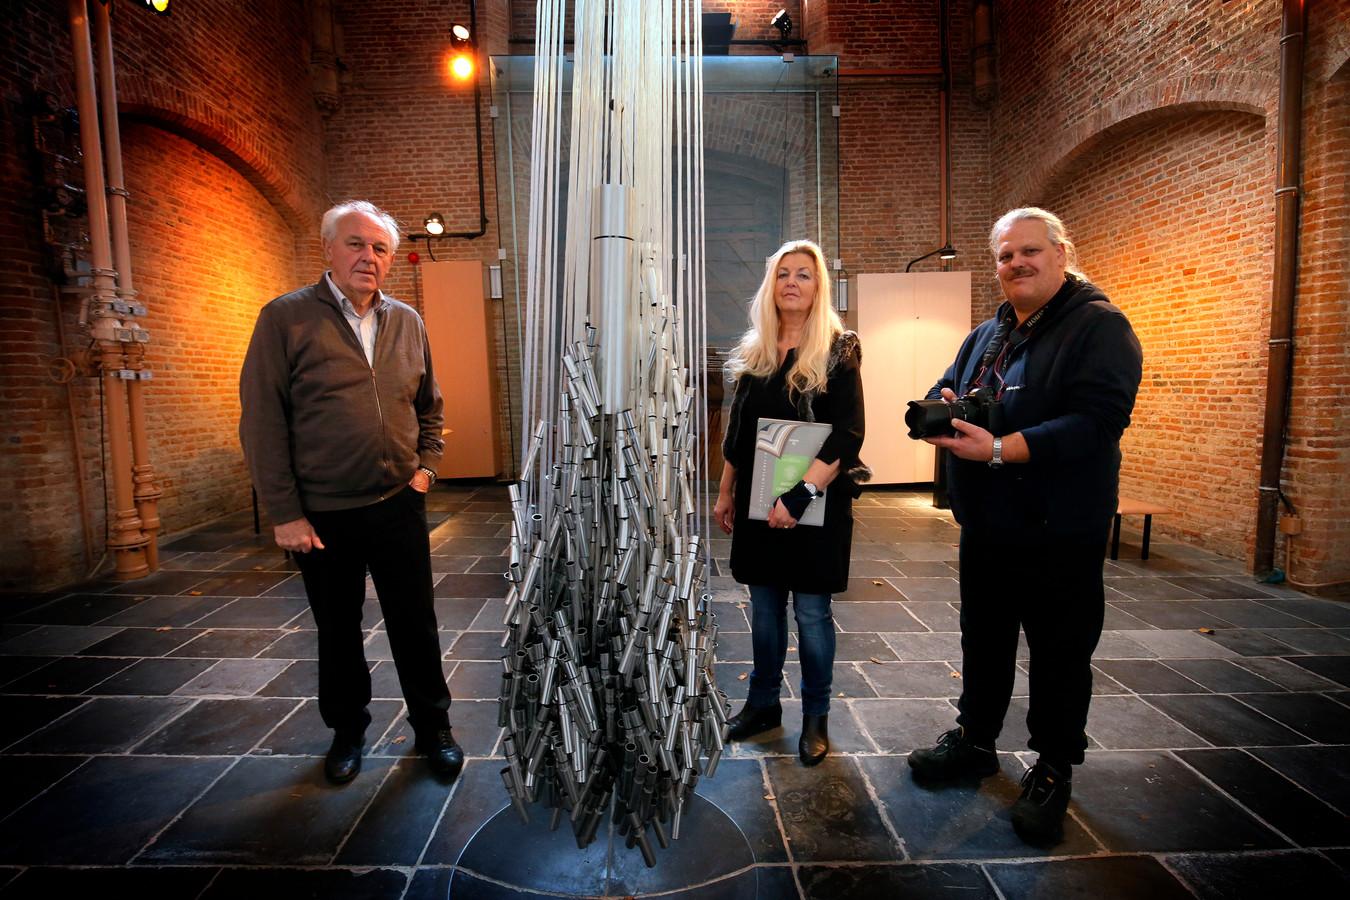 Piet IJssels, Annet Ardesch en Etienne Busink bij het kunstwerk van Corrie van de Vendel in herdenkings-, bezinnings- en ontmoetingscentrum In de Toren. Bezoekers kunnen in de koker een persoonlijk briefje achterlaten.